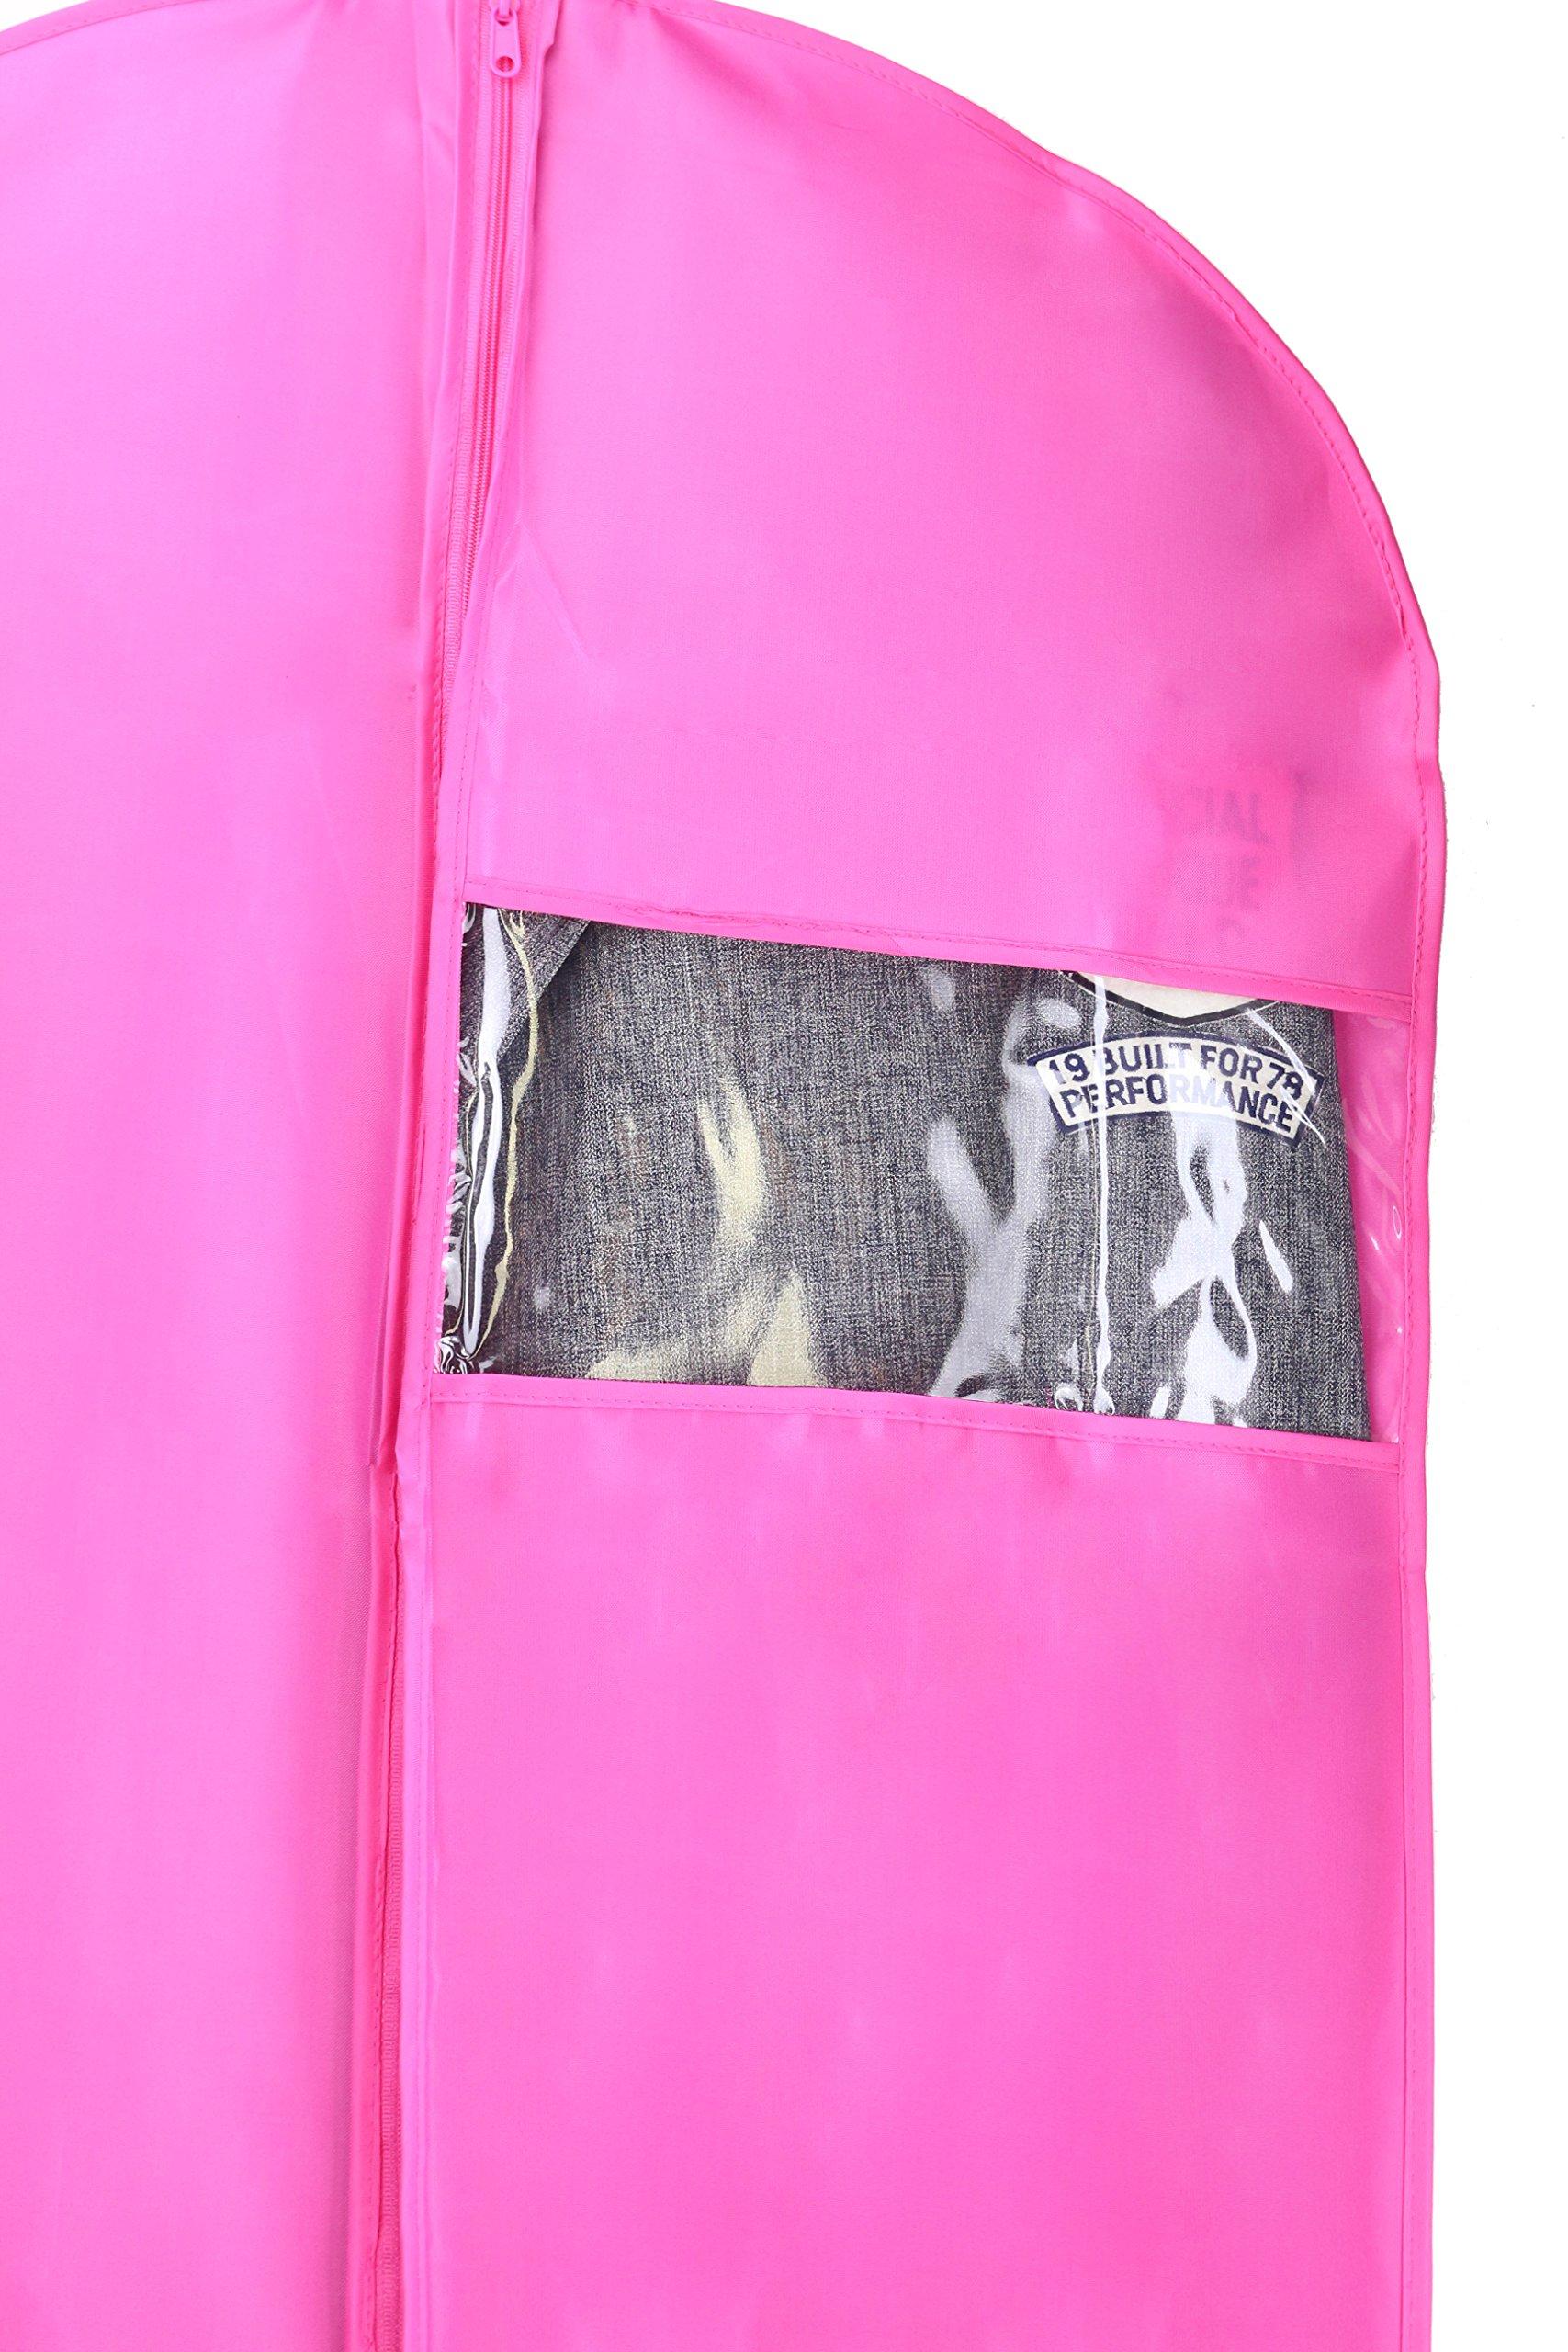 Kernorv Garment Bags for Dance Costumes, Set of 5 Breathable Dust-proof Garment Bags 51'' Dance Garment Bags with Clear Window for Dance Costumes, Dress, Jacket, Storage or Travel (Pink) by Kernorv (Image #3)